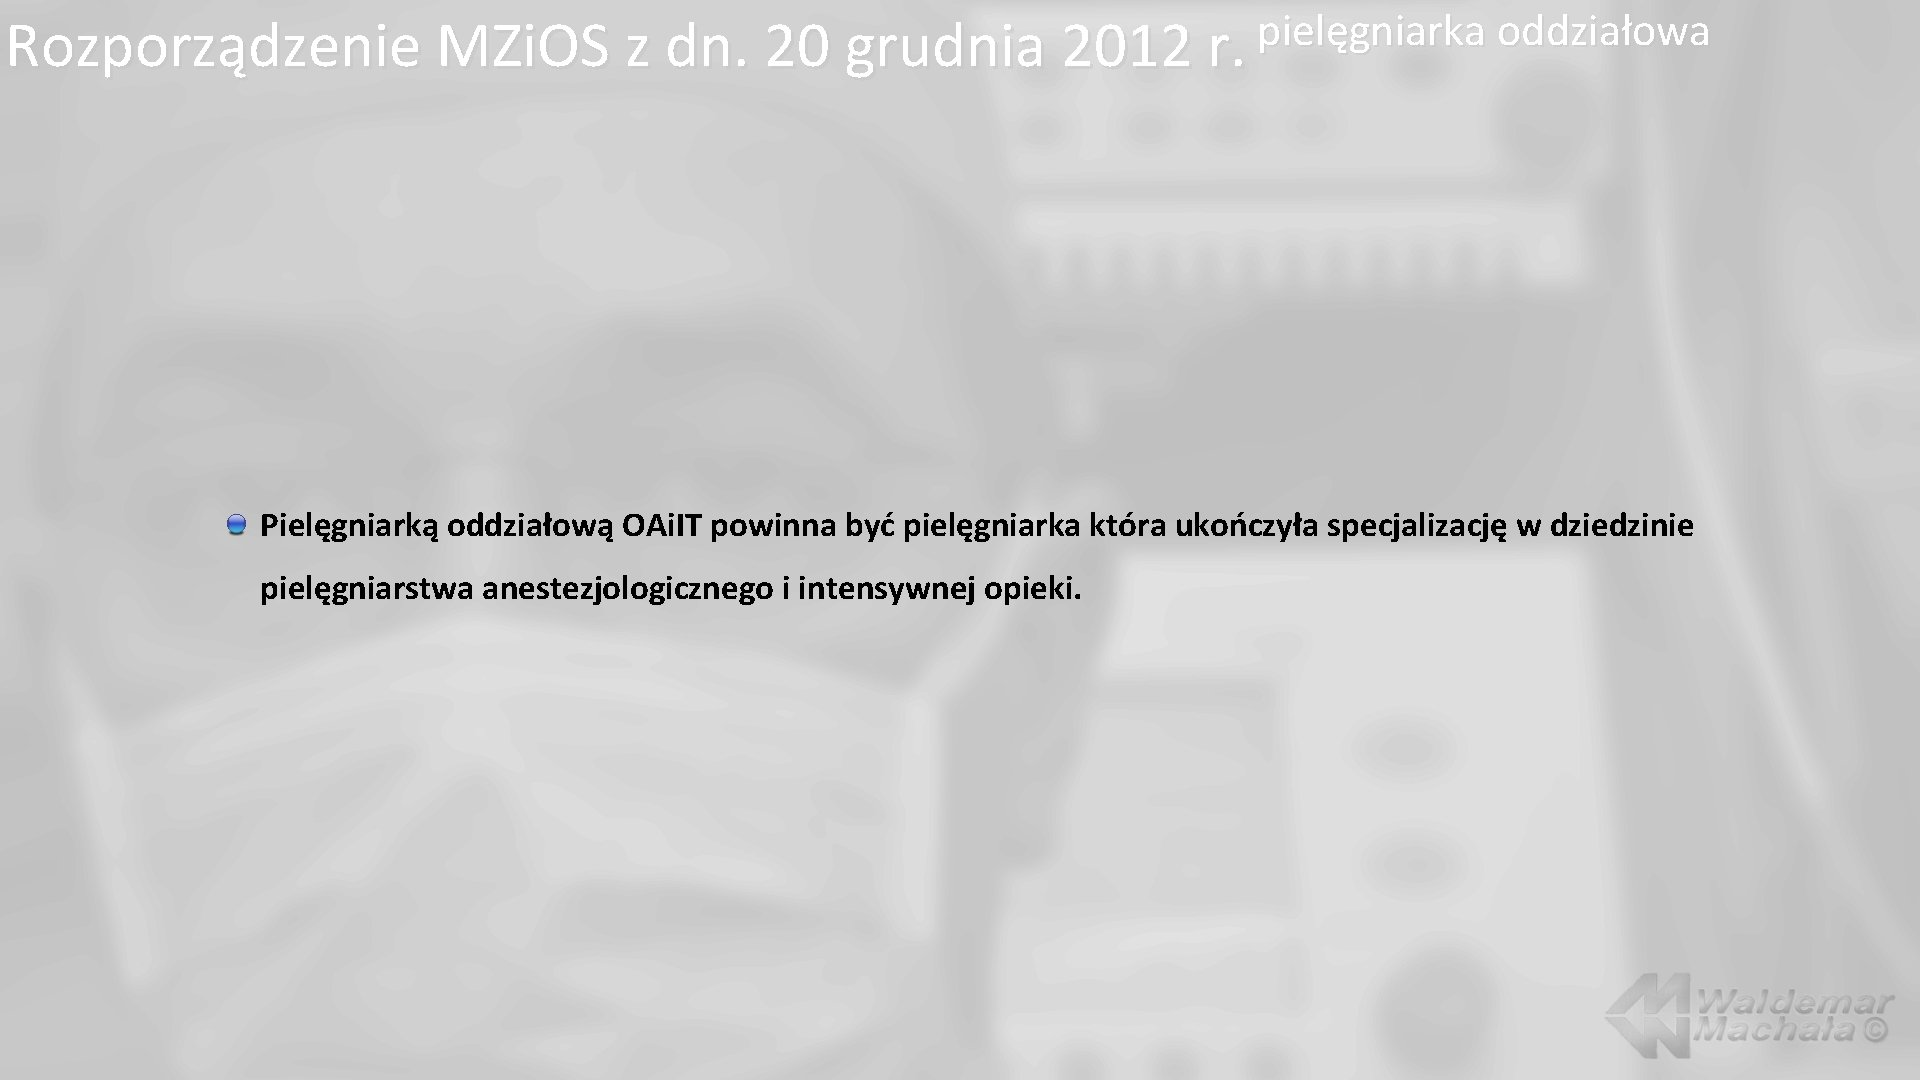 pielęgniarka oddziałowa Rozporządzenie MZi. OS z dn. 20 grudnia 2012 r. Pielęgniarką oddziałową OAi.